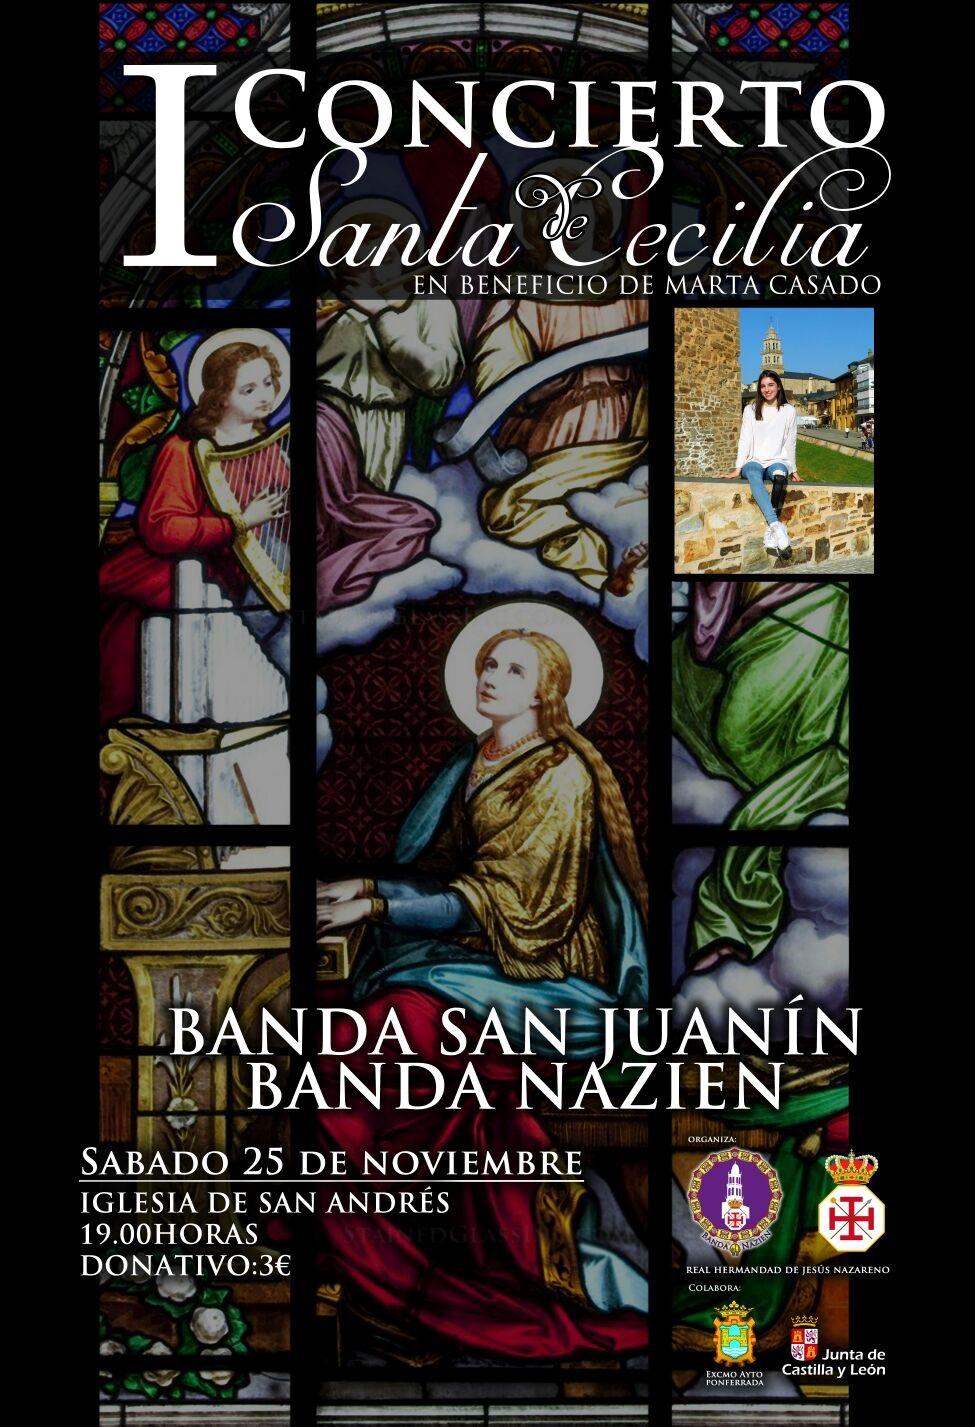 I Concierto de Santa Cecilia a beneficio de Marta Casado 1